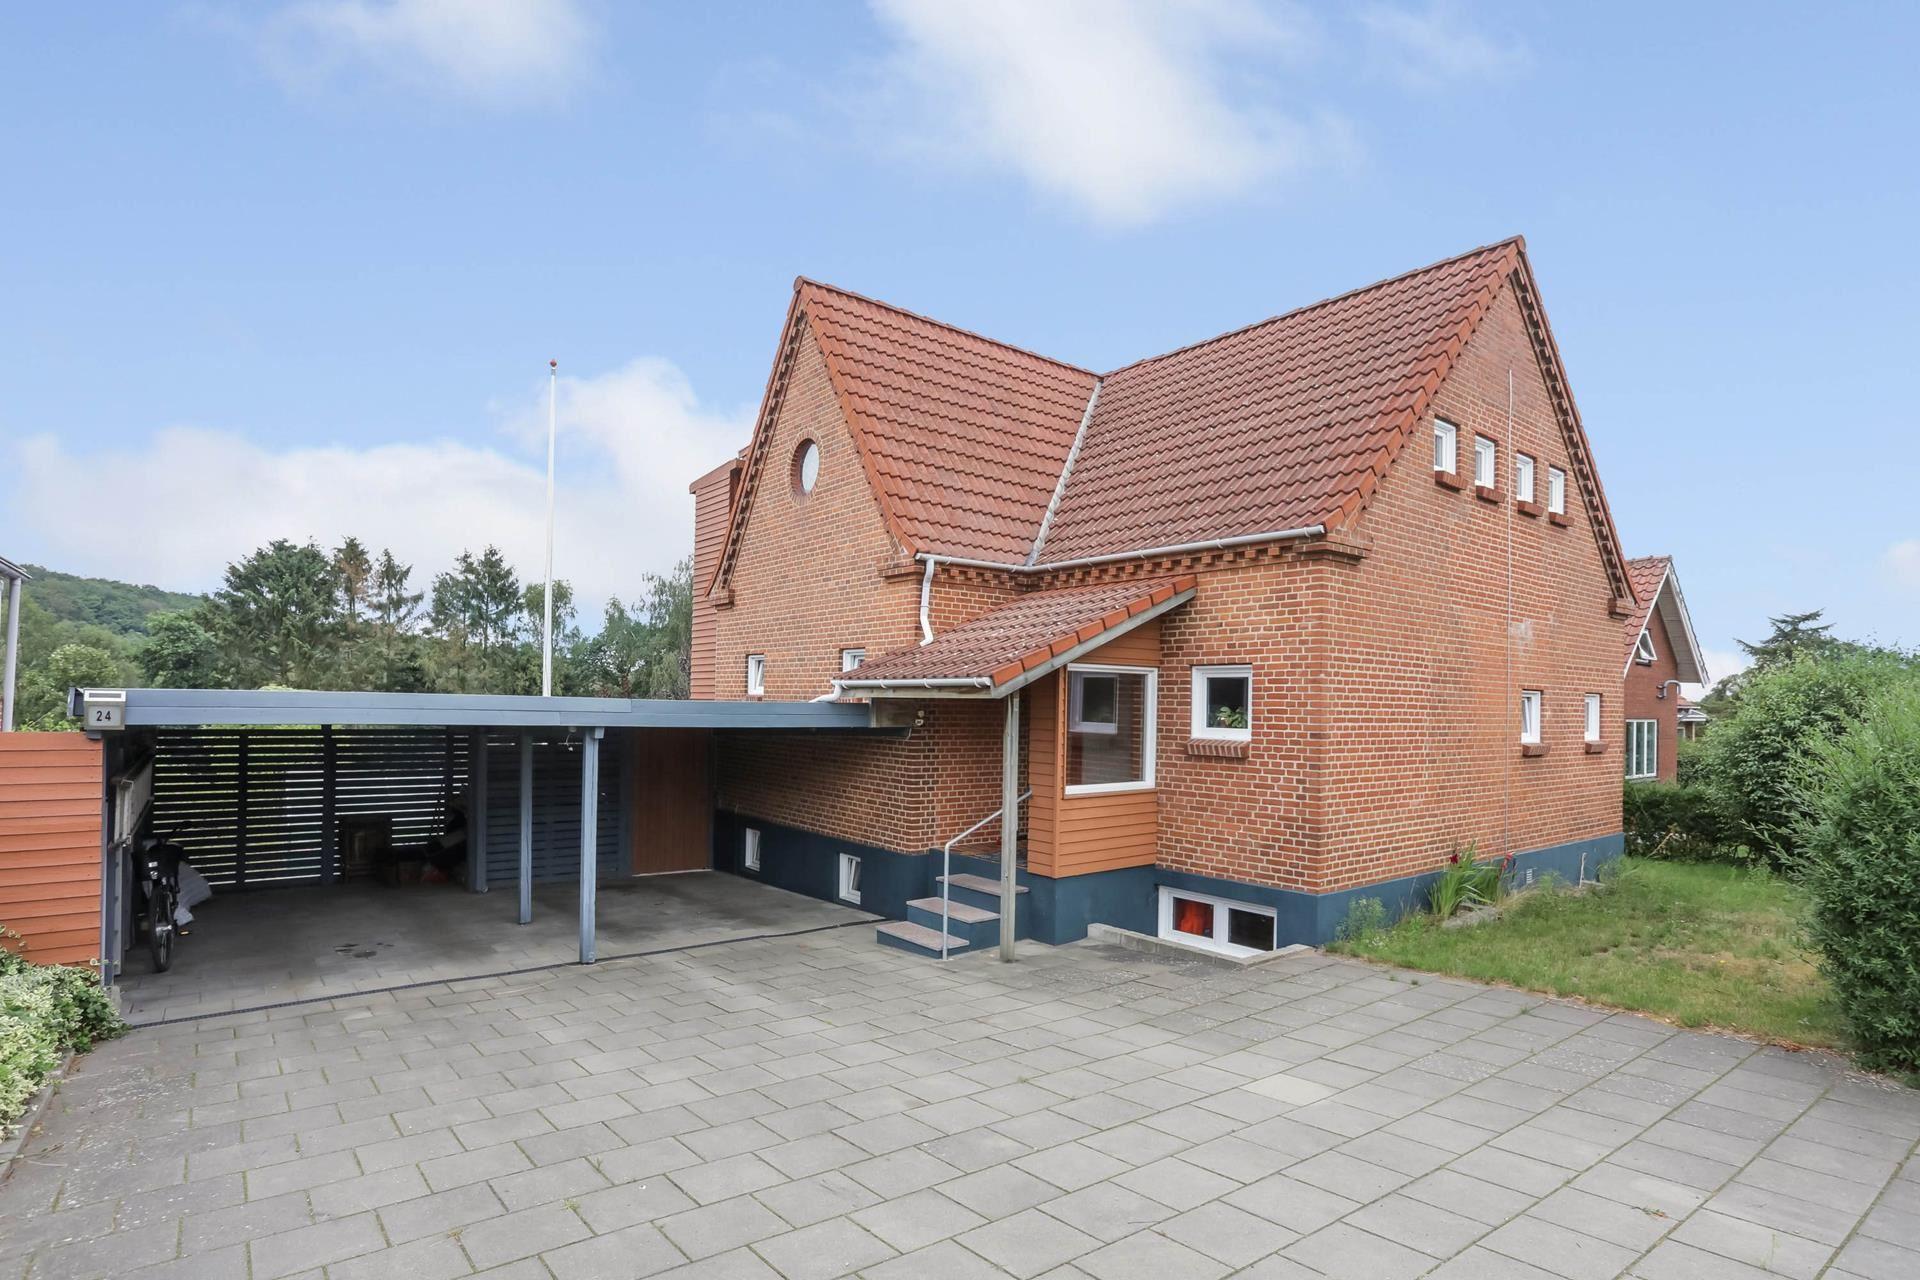 Funder Bakke 24, 8600 Silkeborg